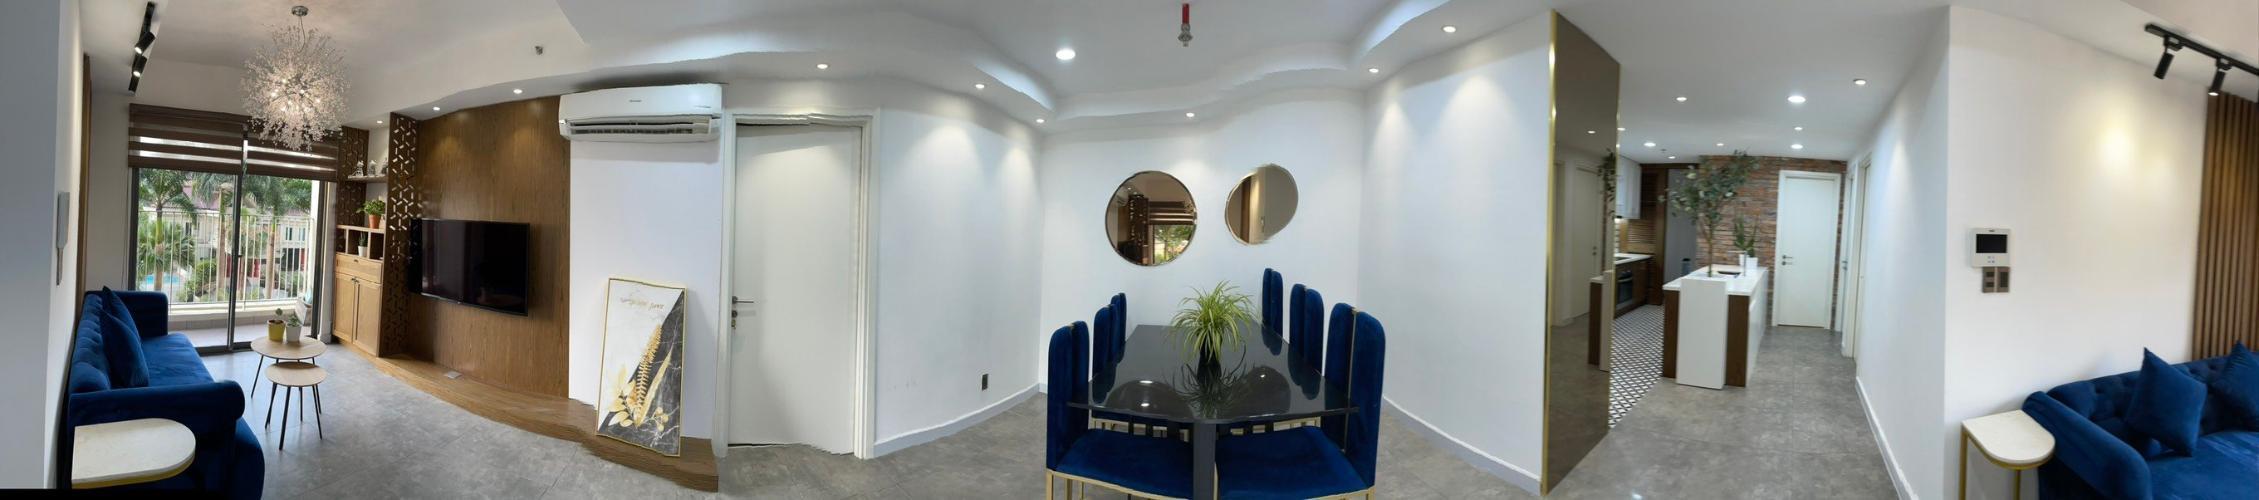 Không gian căn hộ Duplex Masteri Thảo Điền, Quận 2 Căn hộ Duplex Masteri Thảo Điền nội thất đầy đủ, view đón gió.